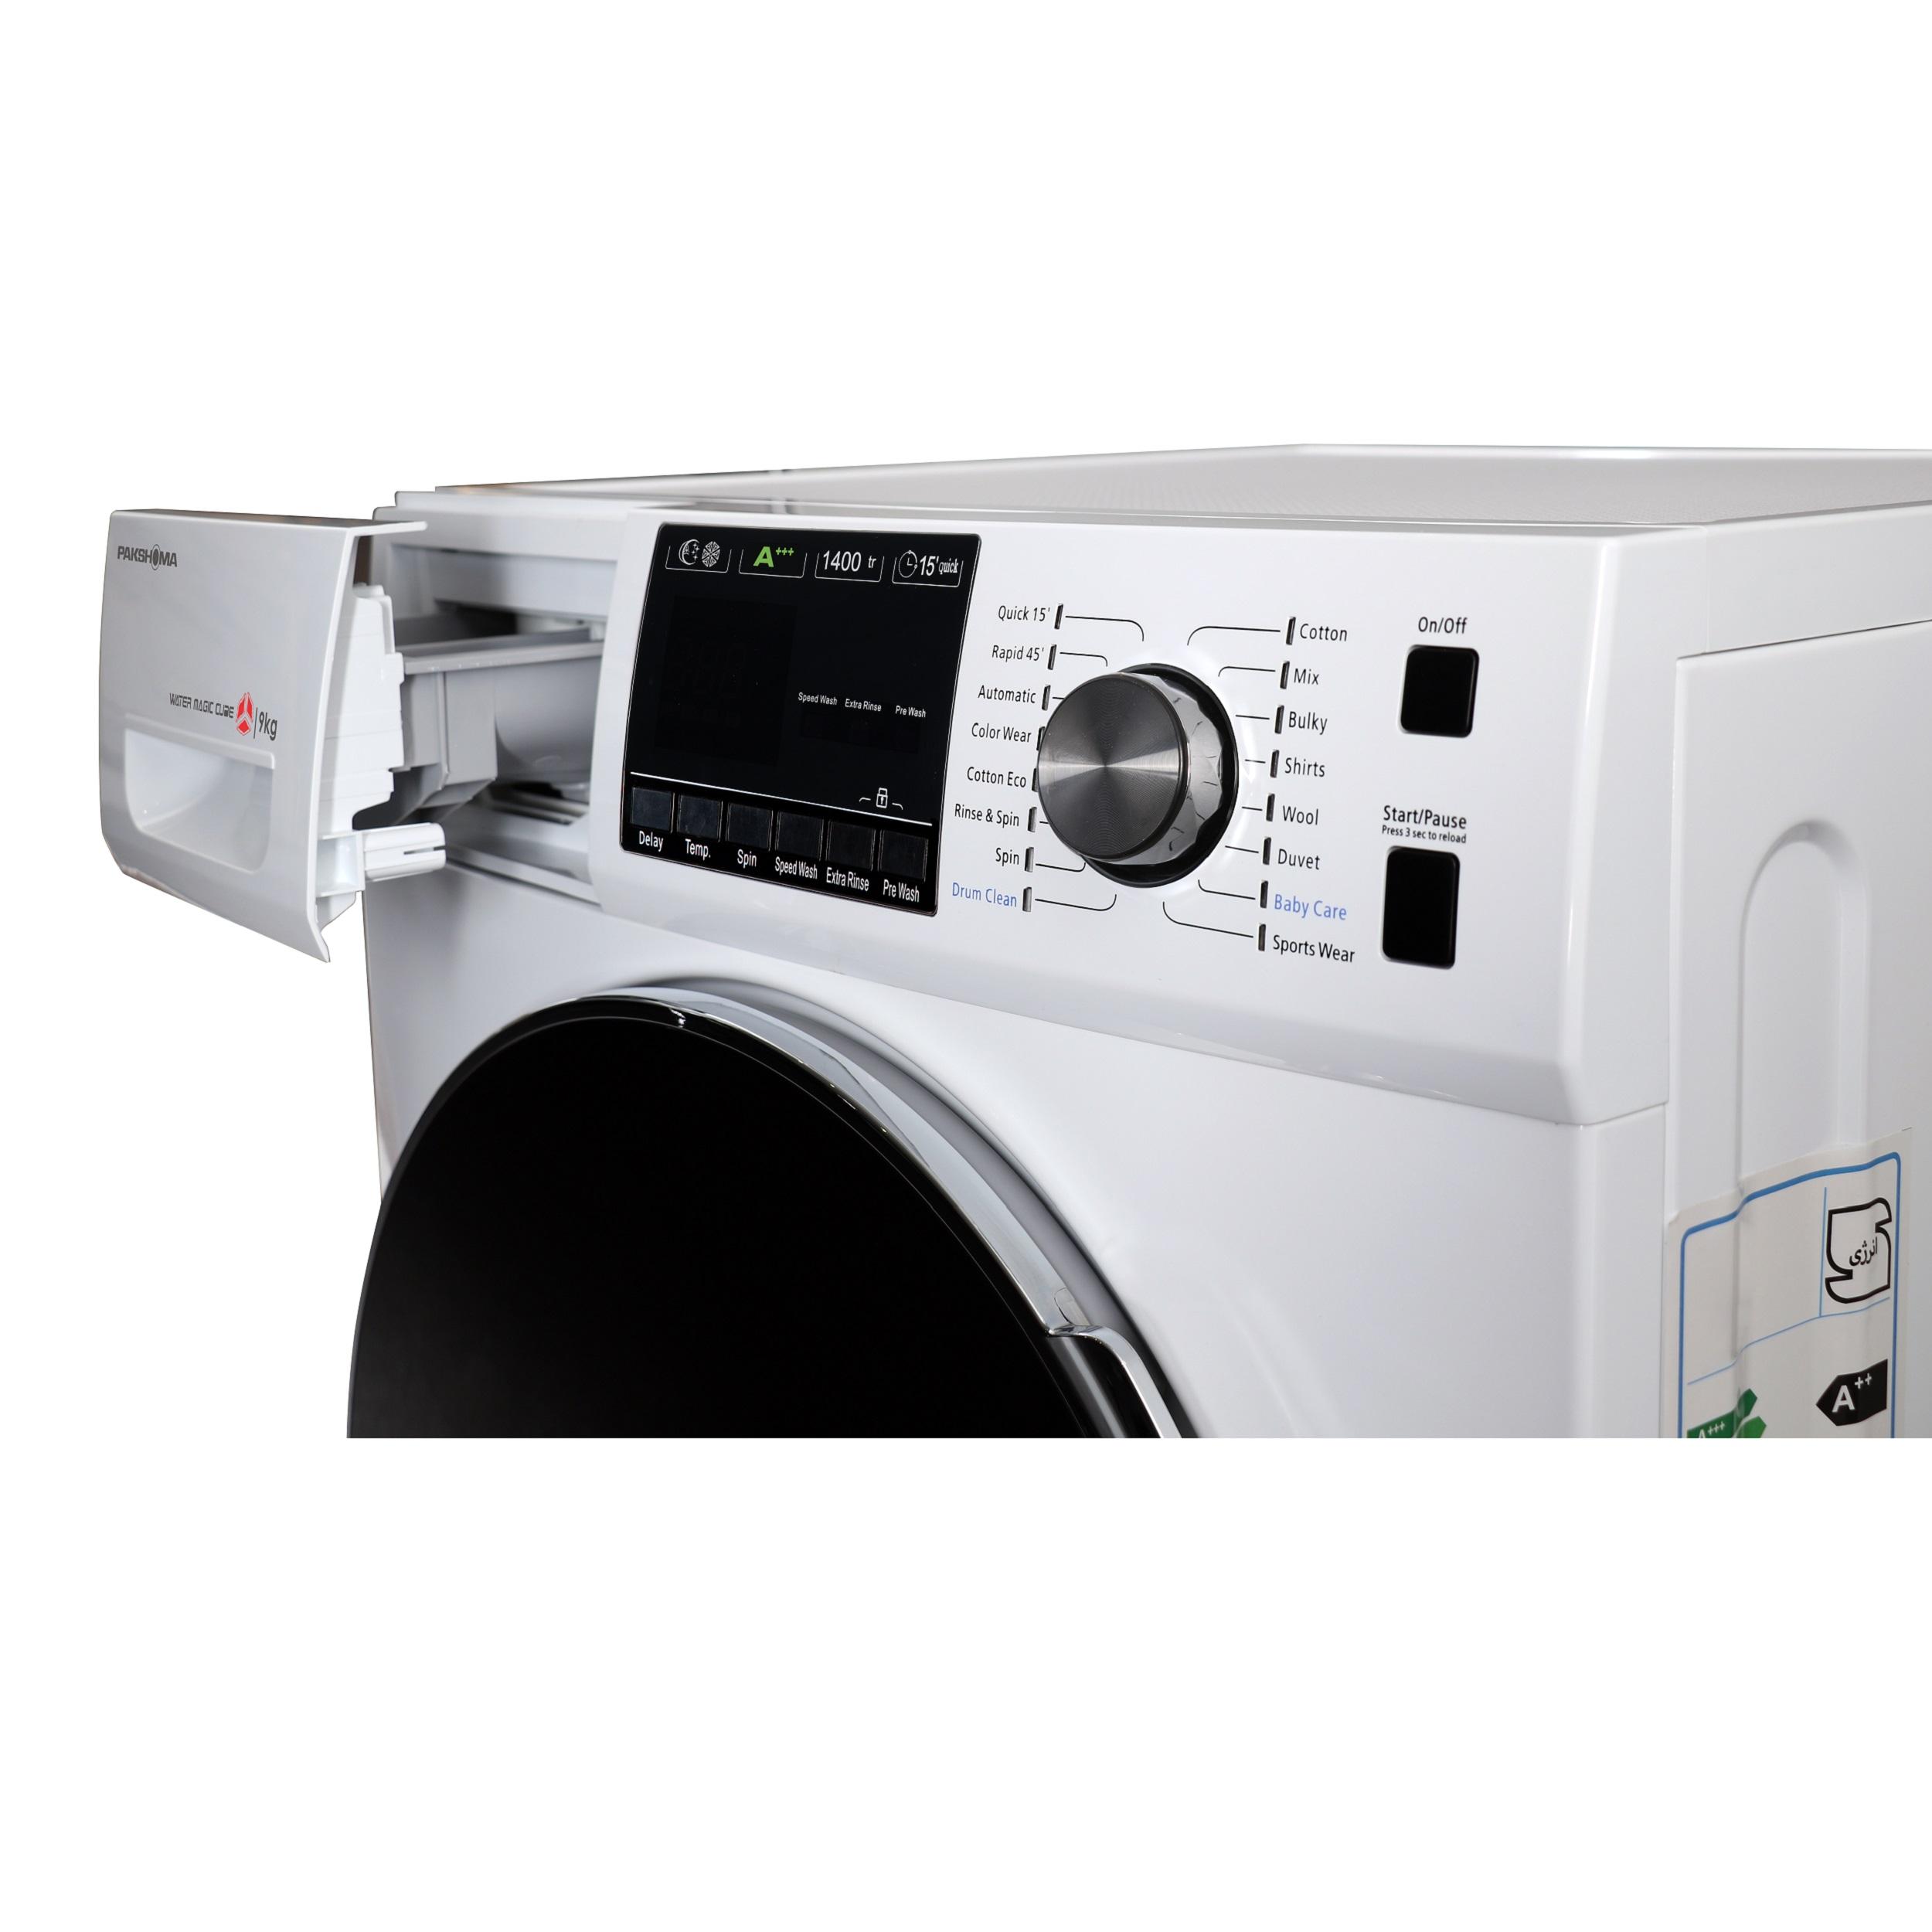 ماشین لباسشویی پاکشوما مدل TFU-94407 ظرفیت 9 کیلوگرم main 1 6